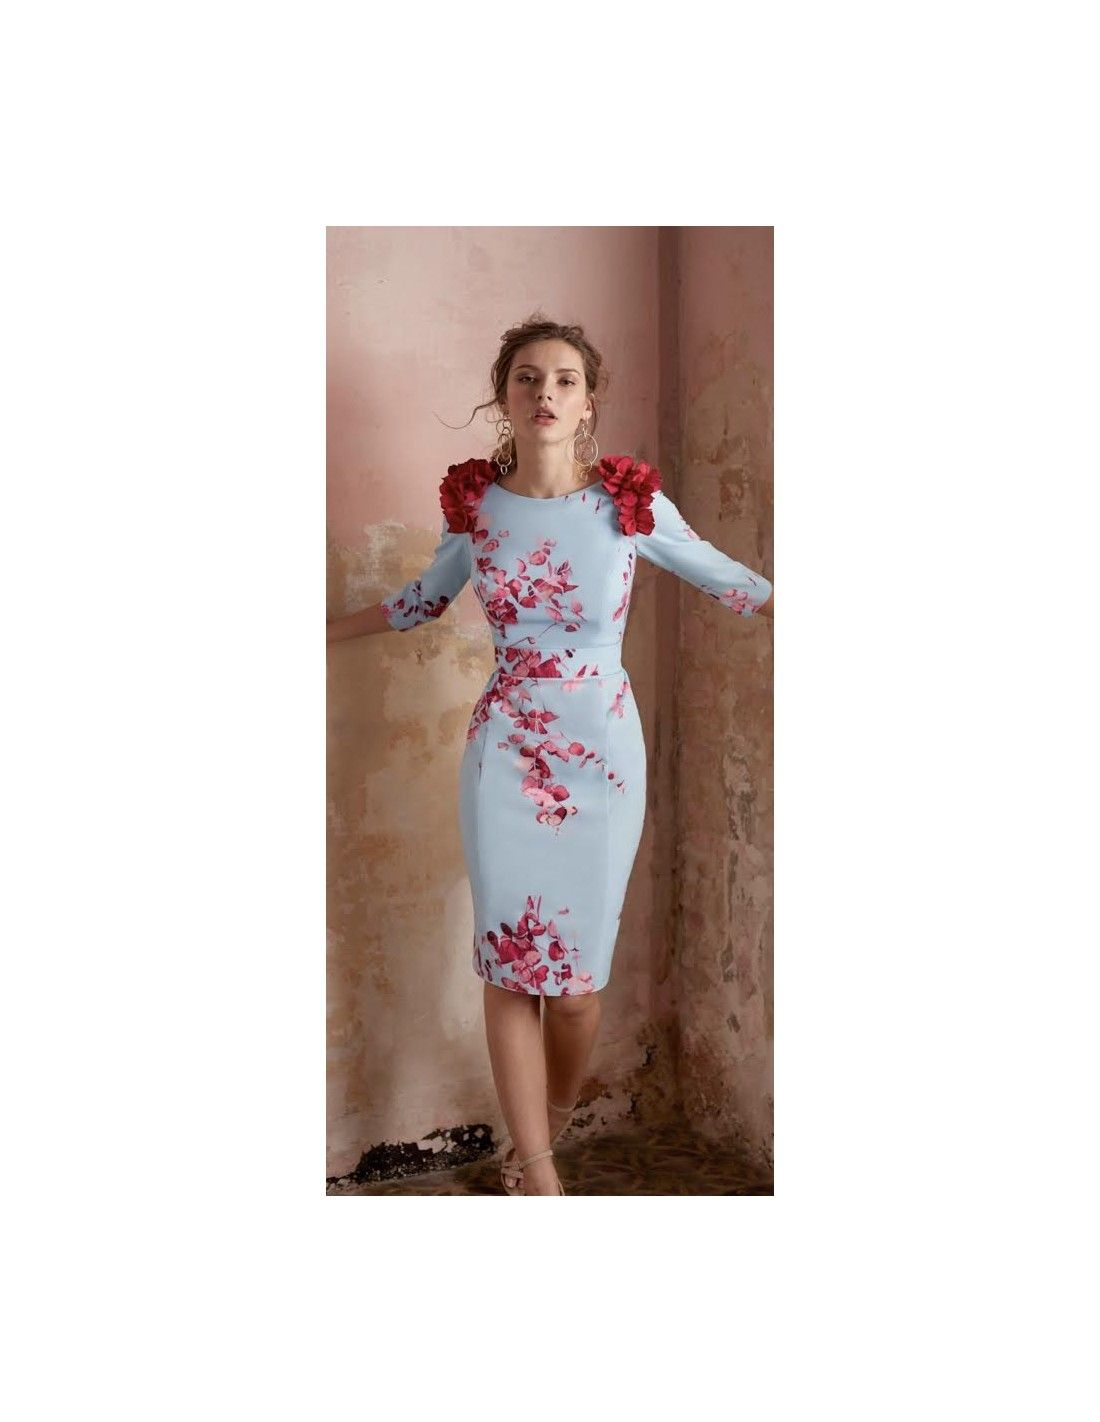 ed093869a6 Vestido Ainara - Vestido de corte midi con tejido elástico efecto raso en  azul cielo con